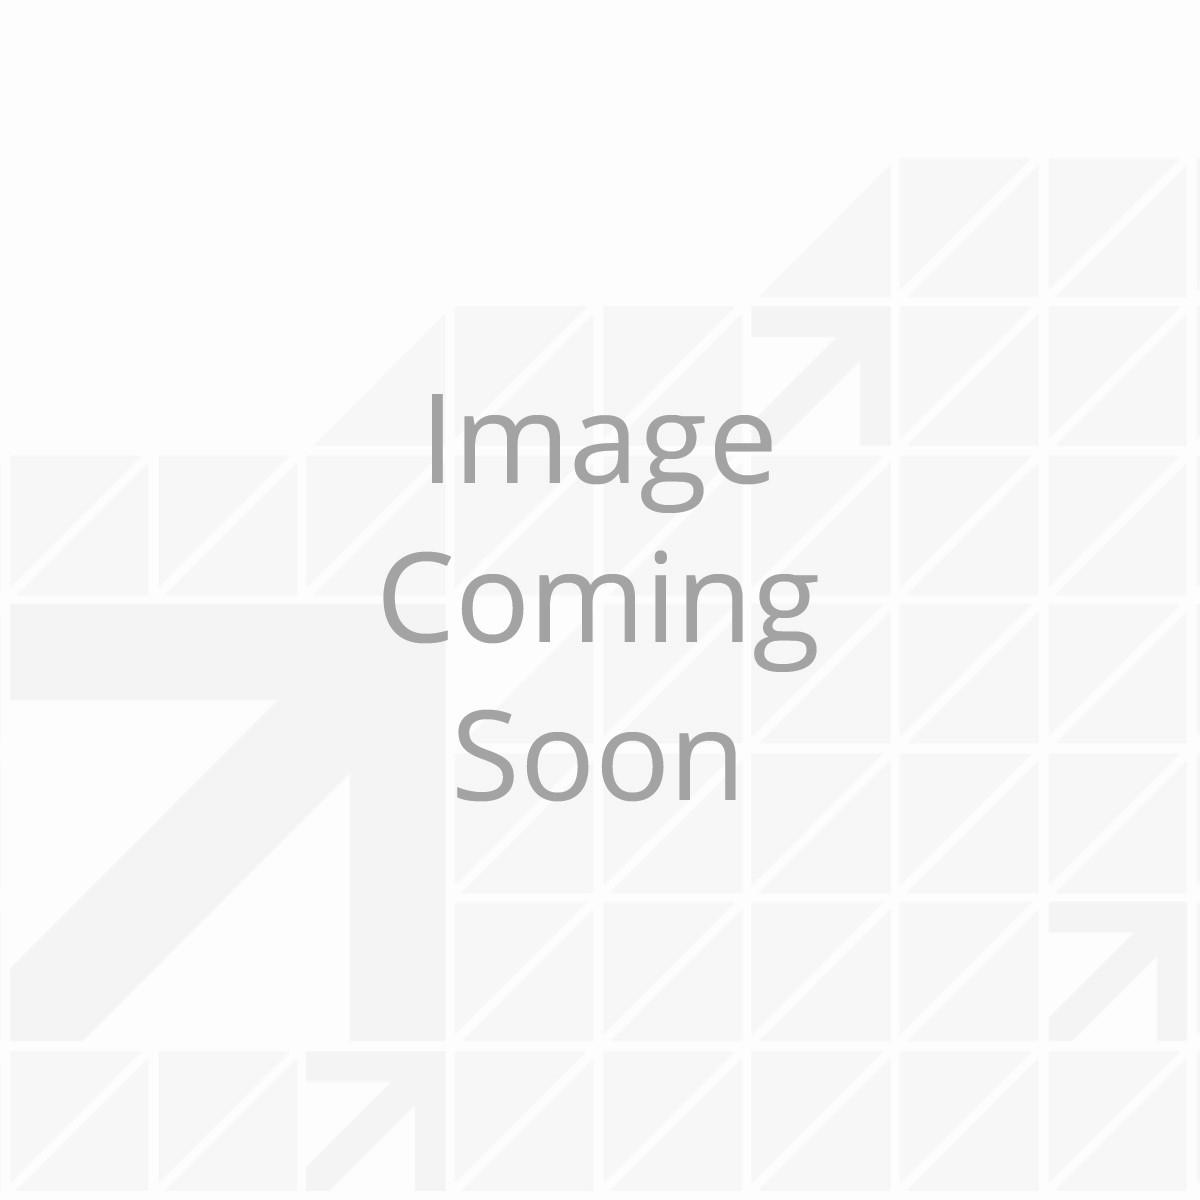 Aluminum Gear Box for Universal Mount Landing Gear